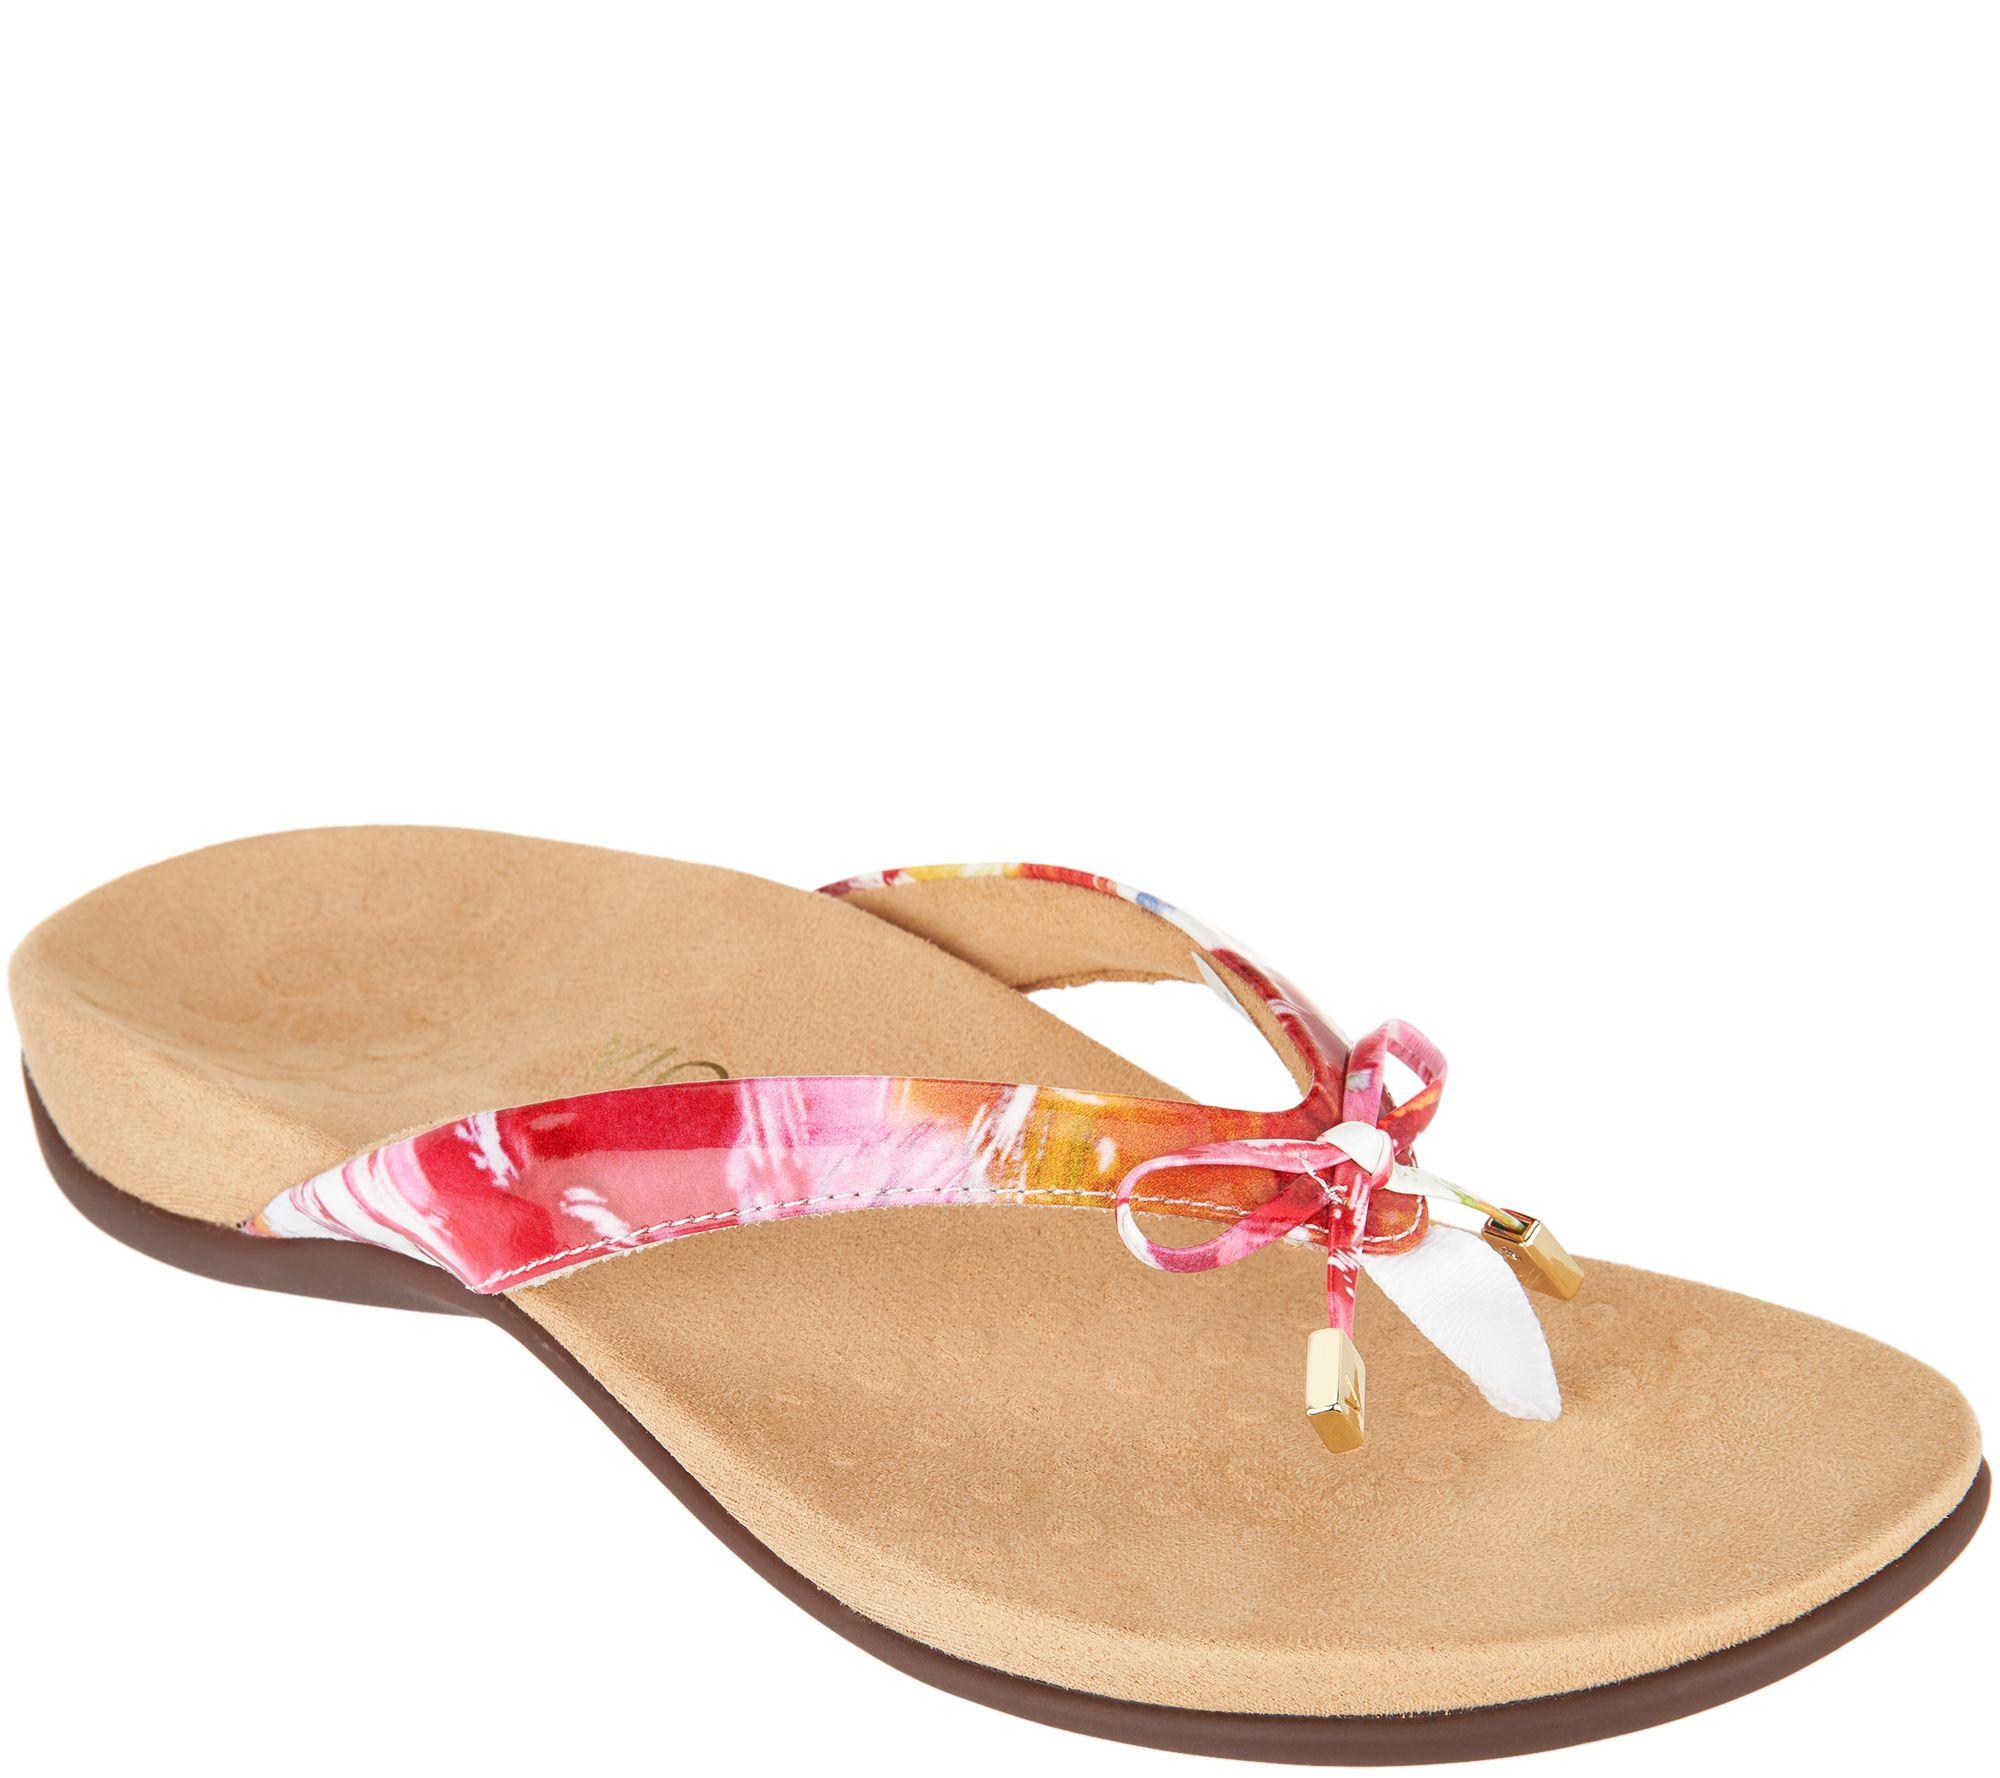 0c1507bef857 Vionic Orthotic Sandals - Bella II - Page 1 — QVC.com